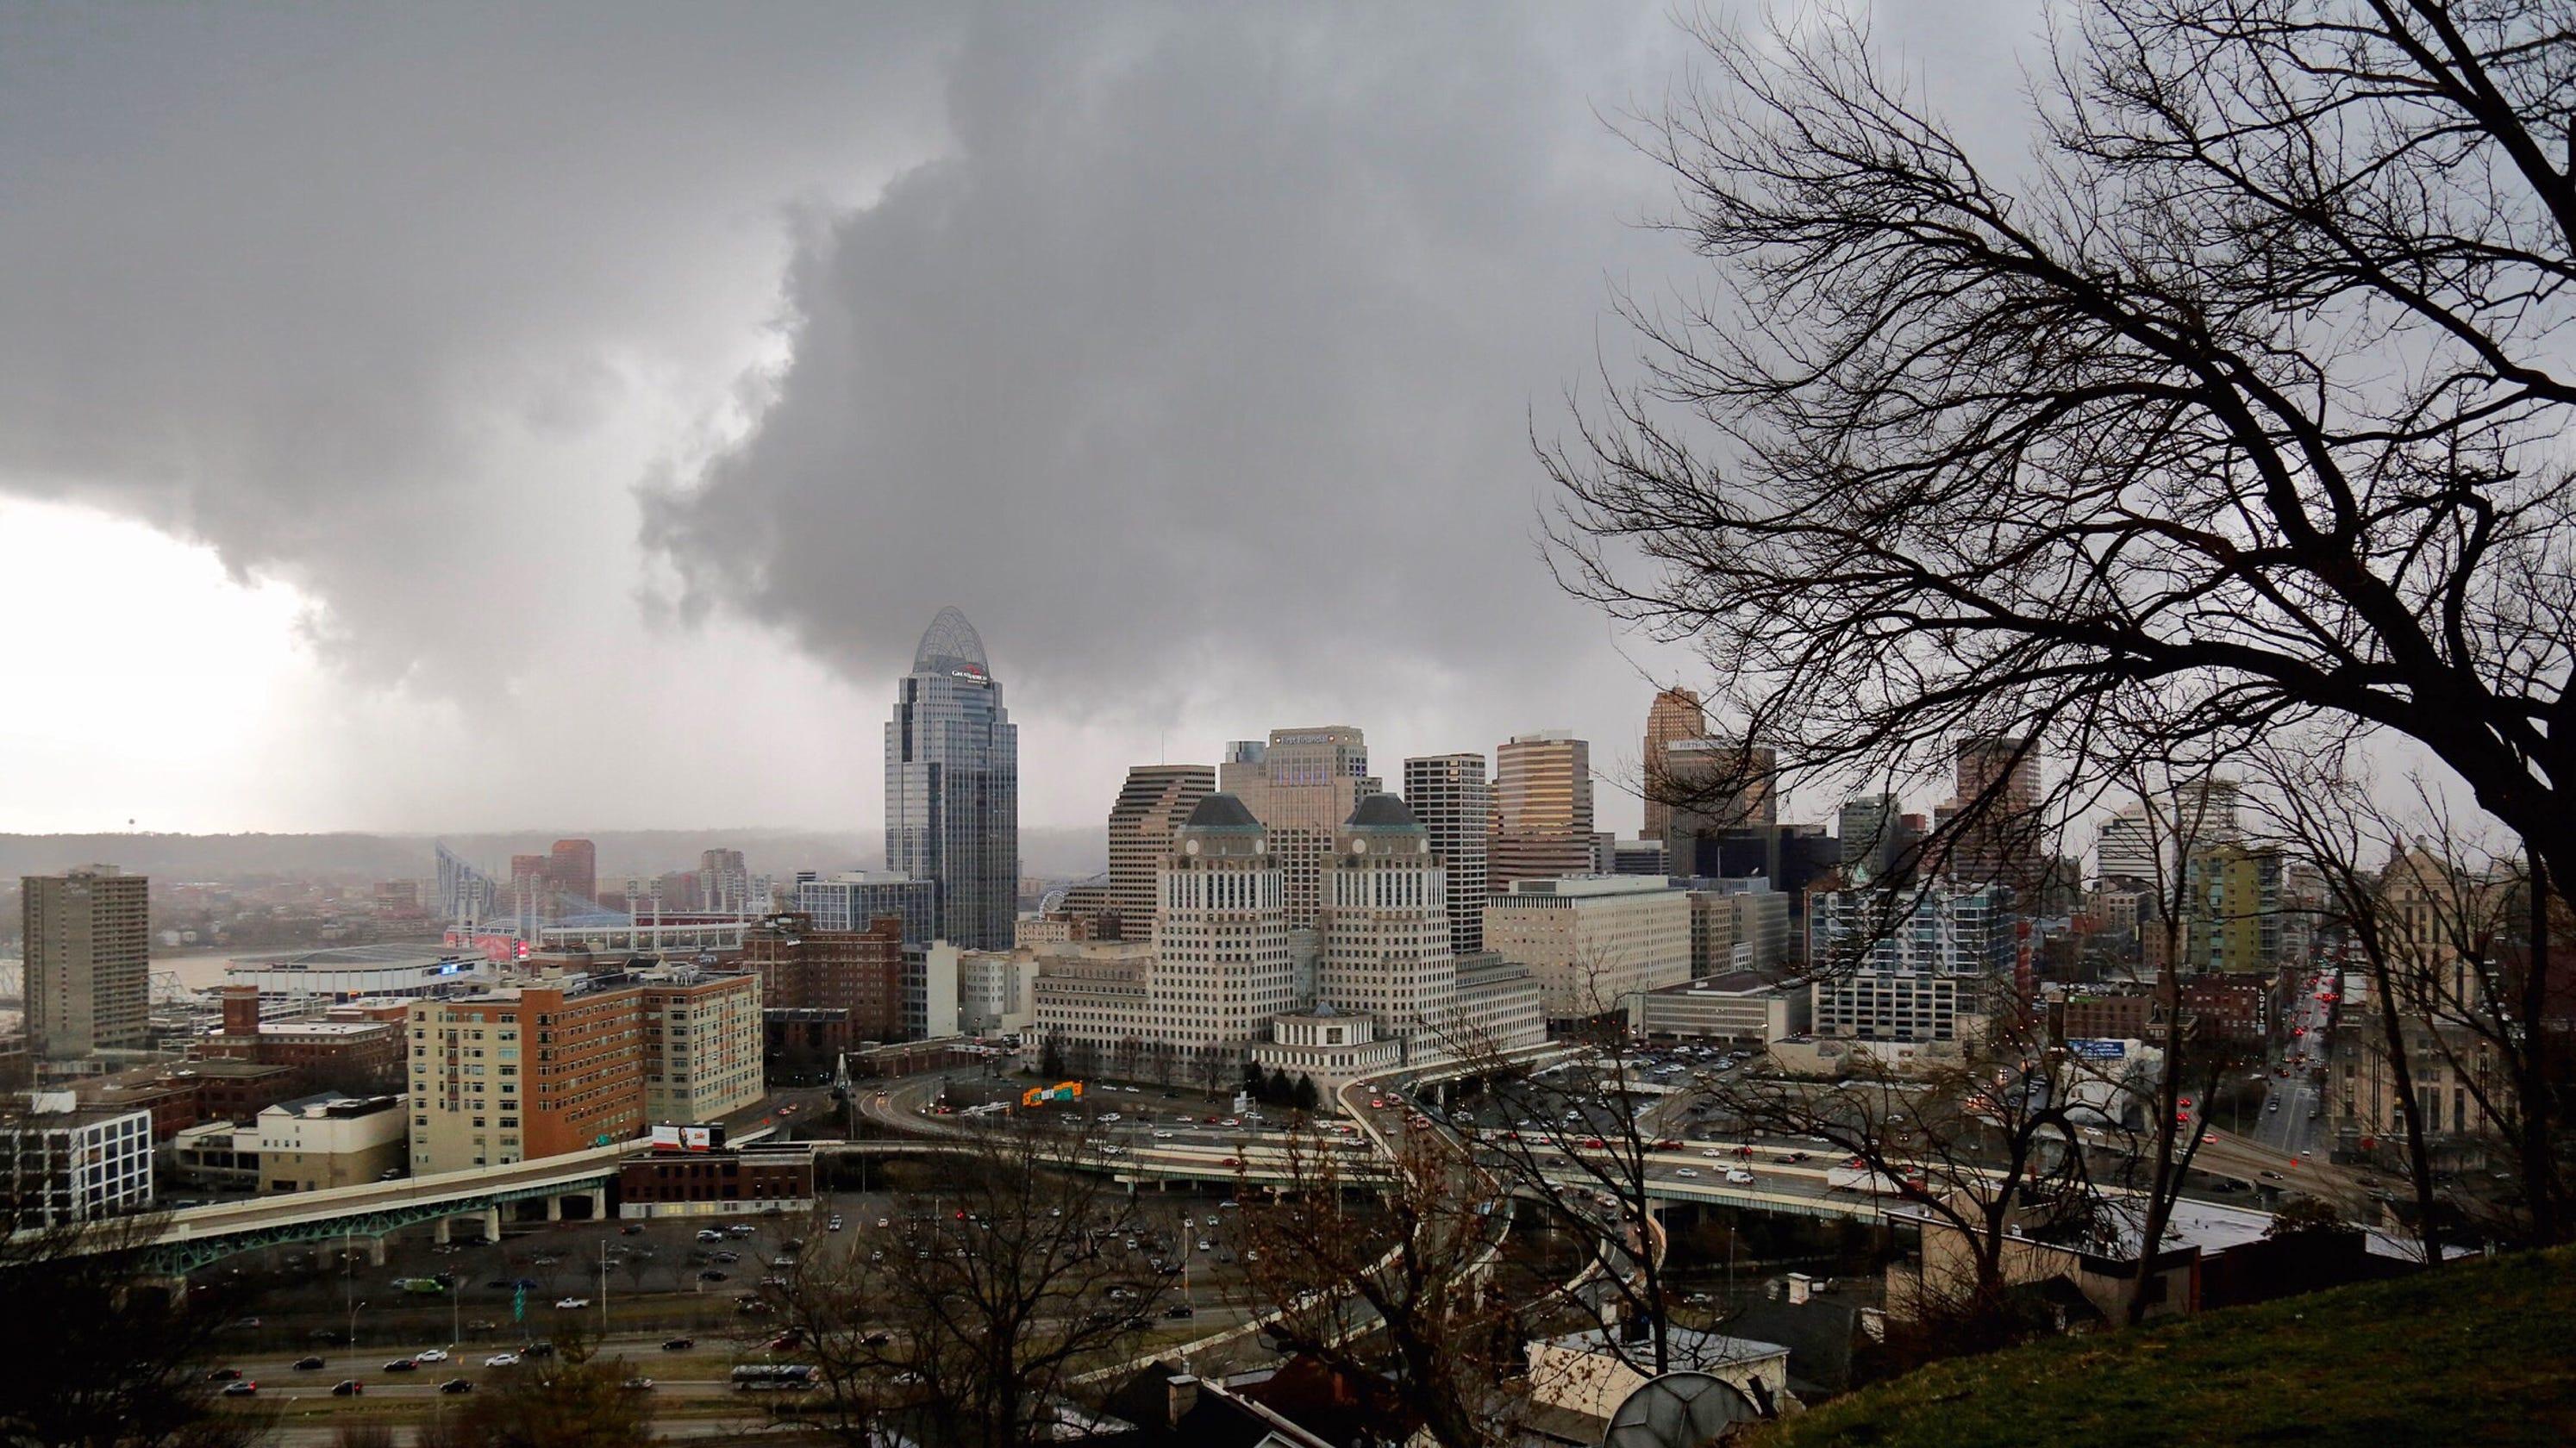 Tornado warnings have passed in NKY and Cincinnati